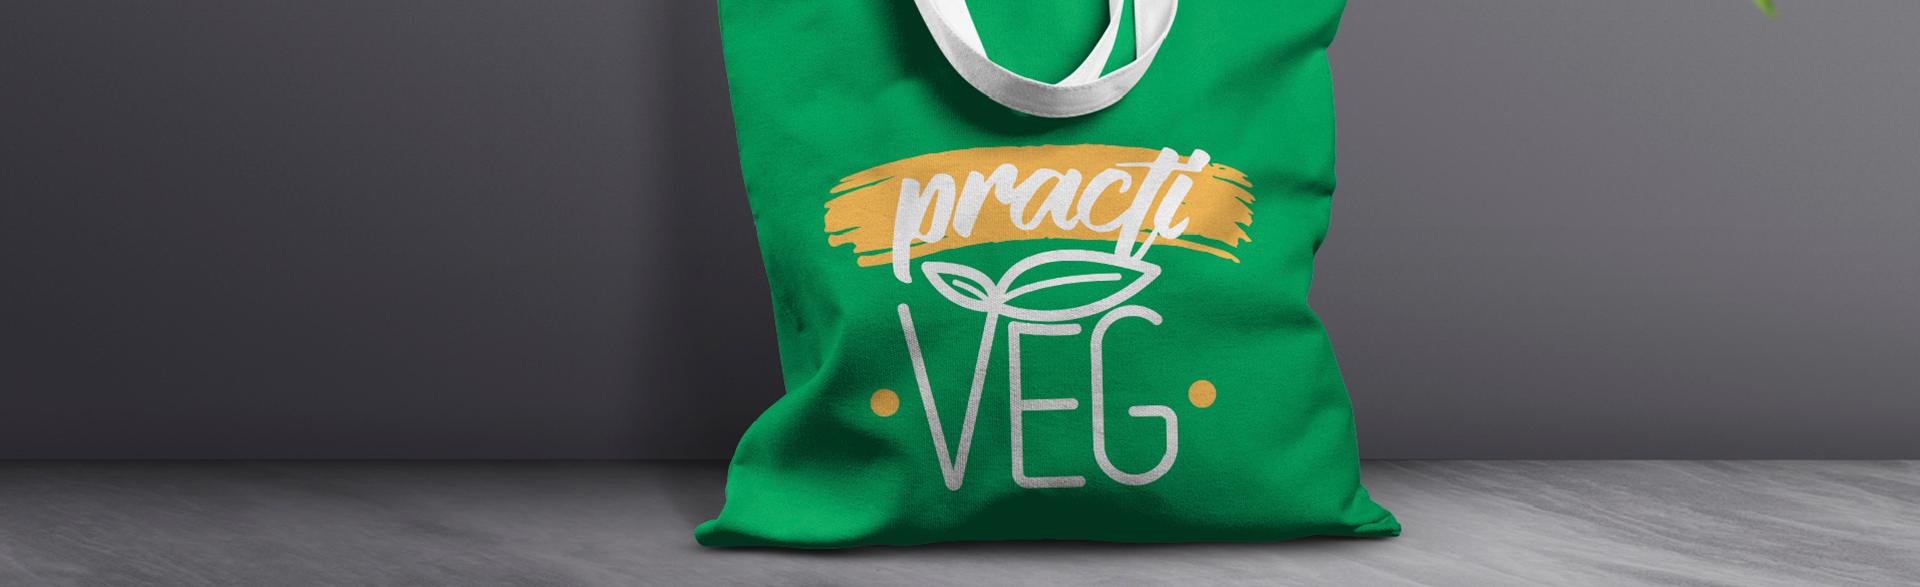 practi-veg-mockup